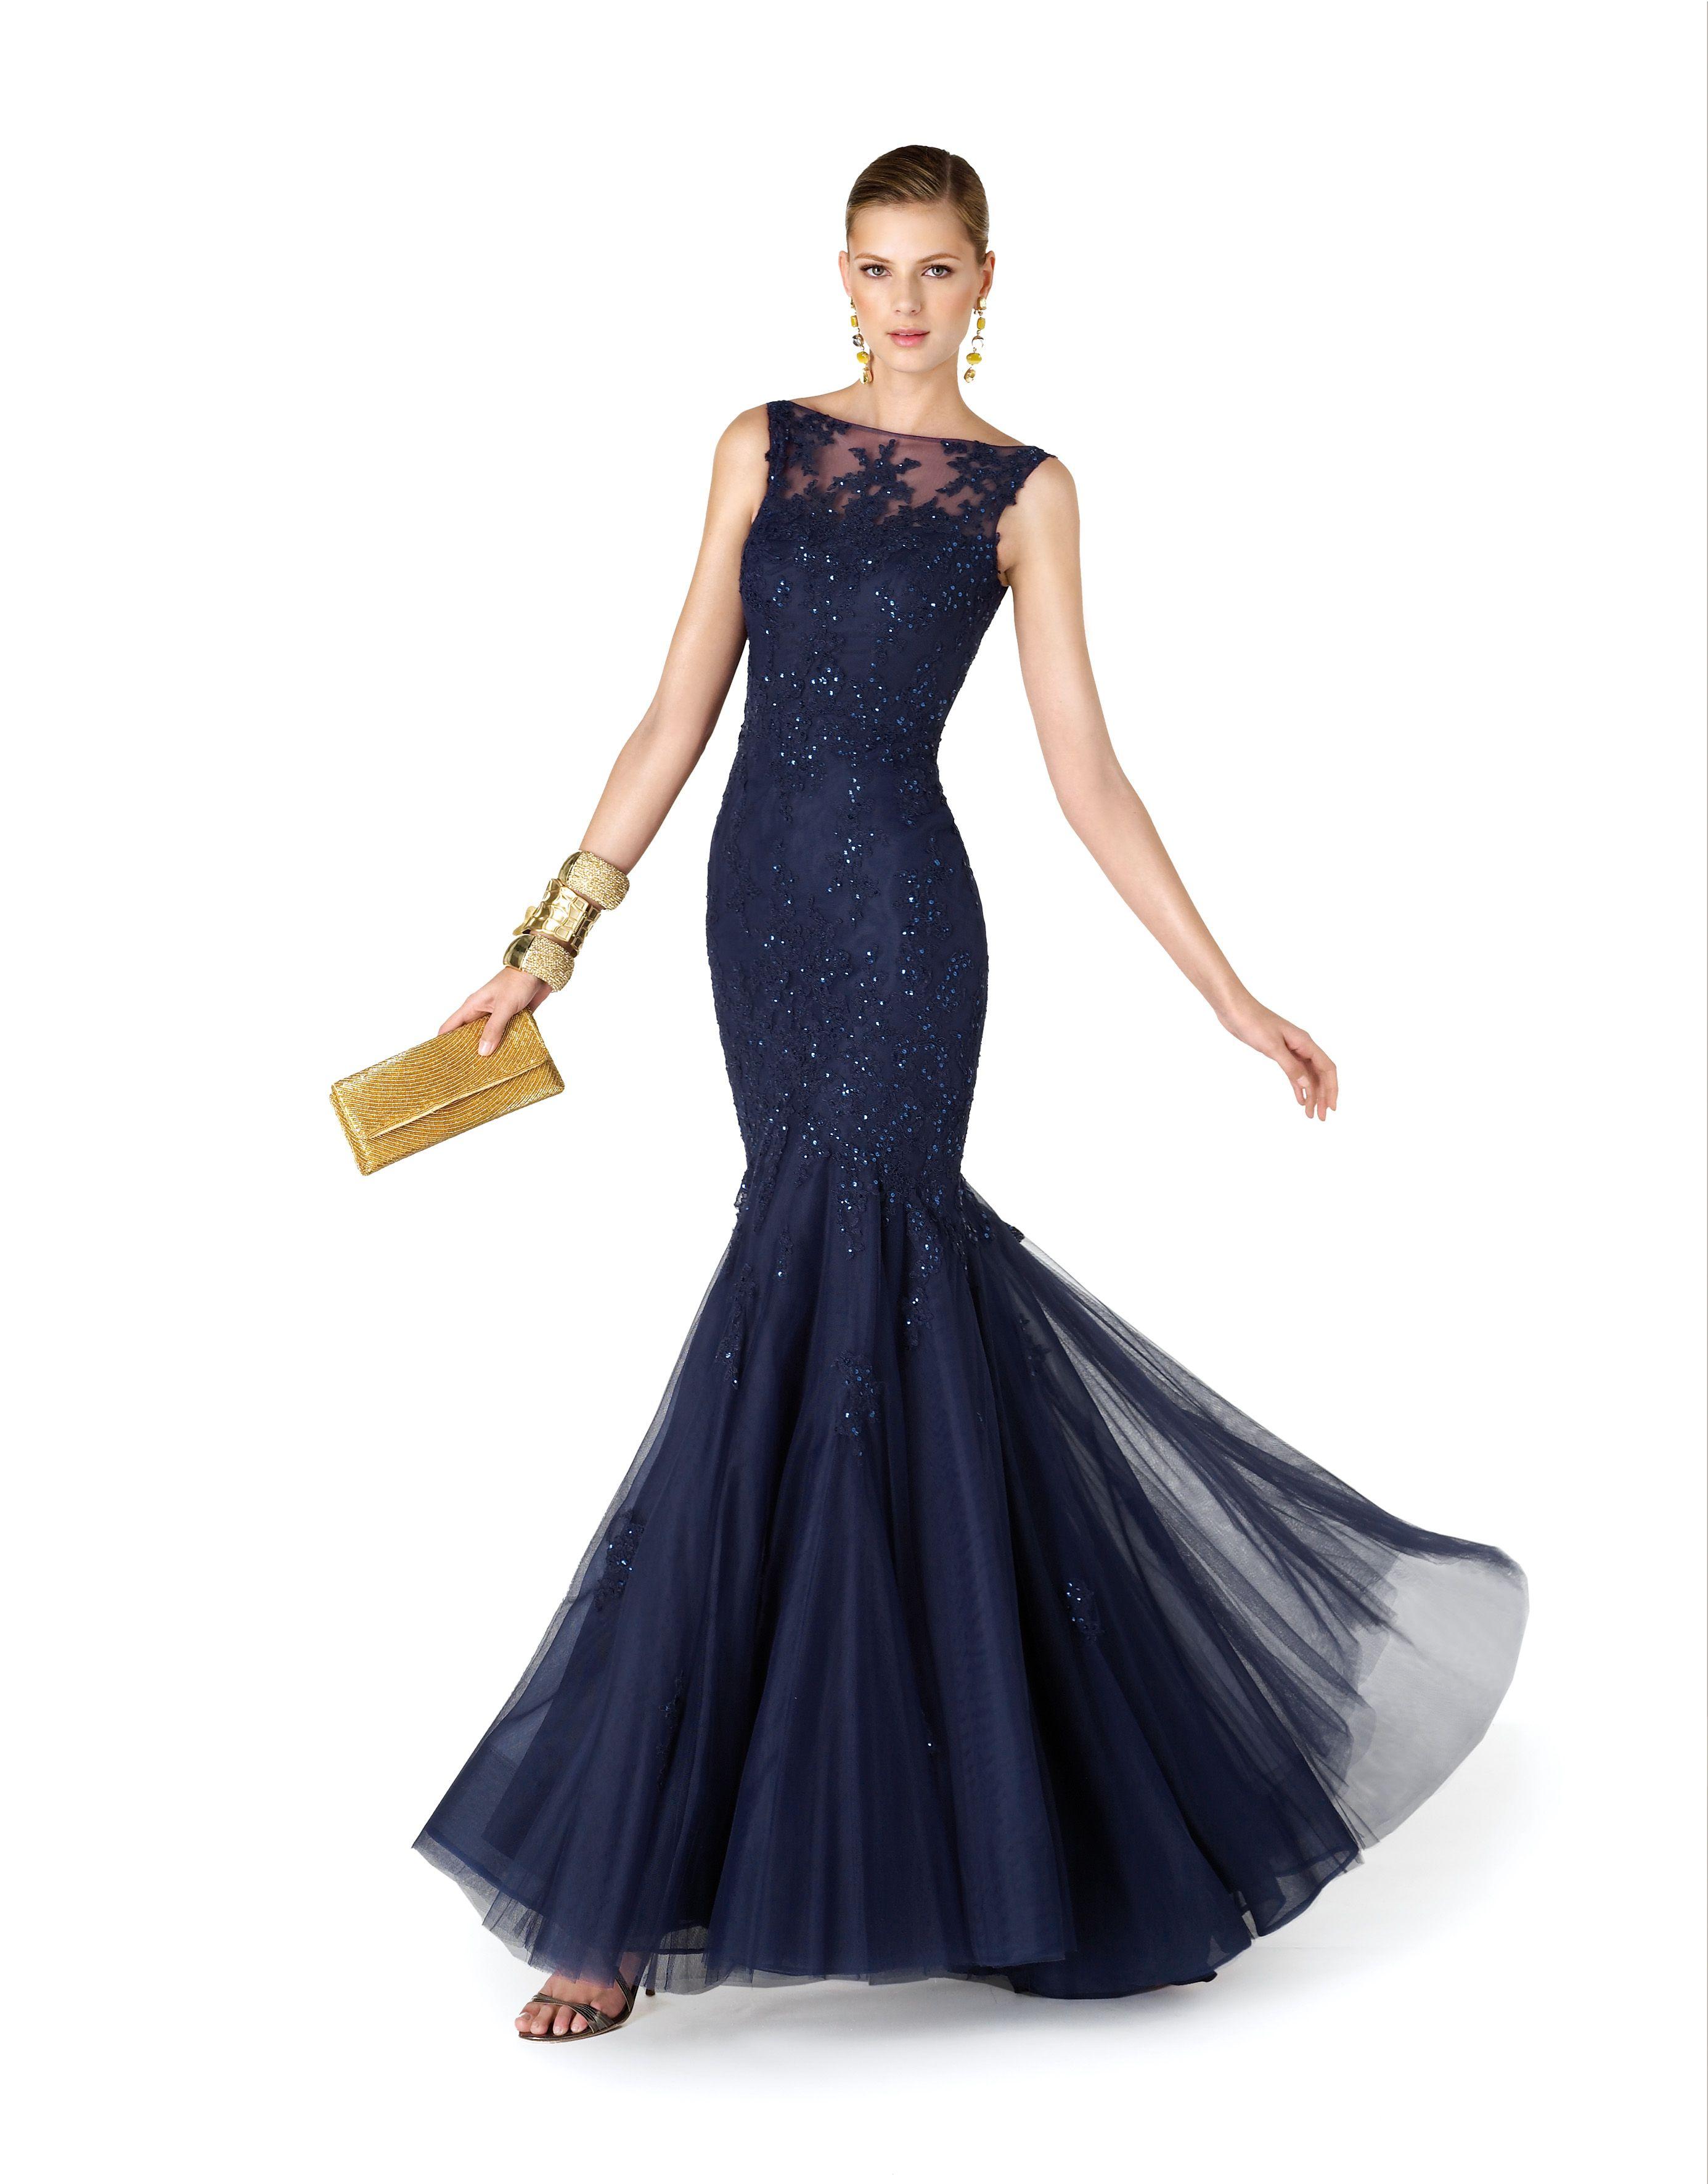 402a4023a Vestido de fiesta azul marino